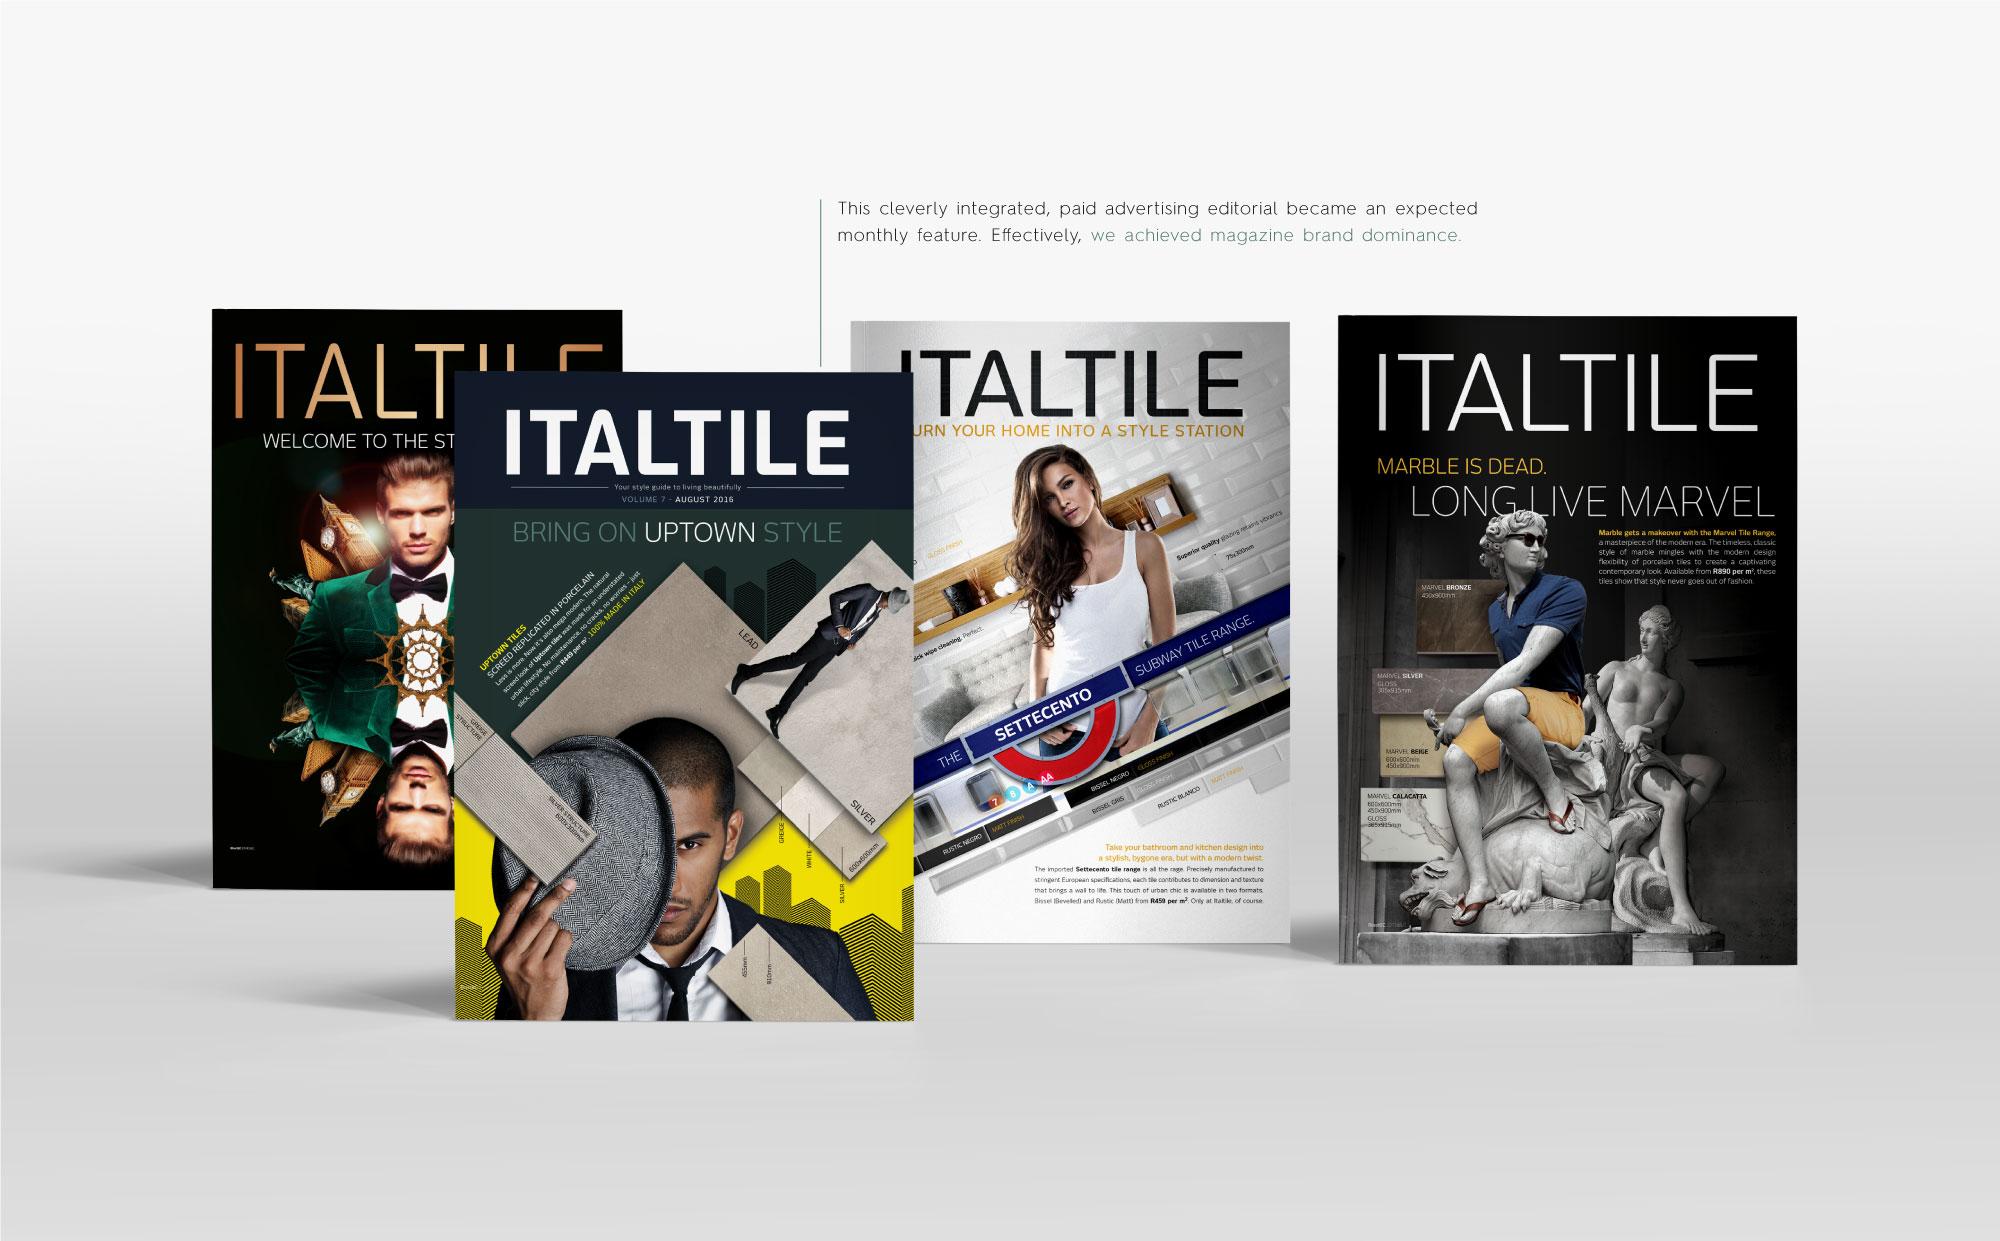 Italtile-SB-Drop-5-of-9